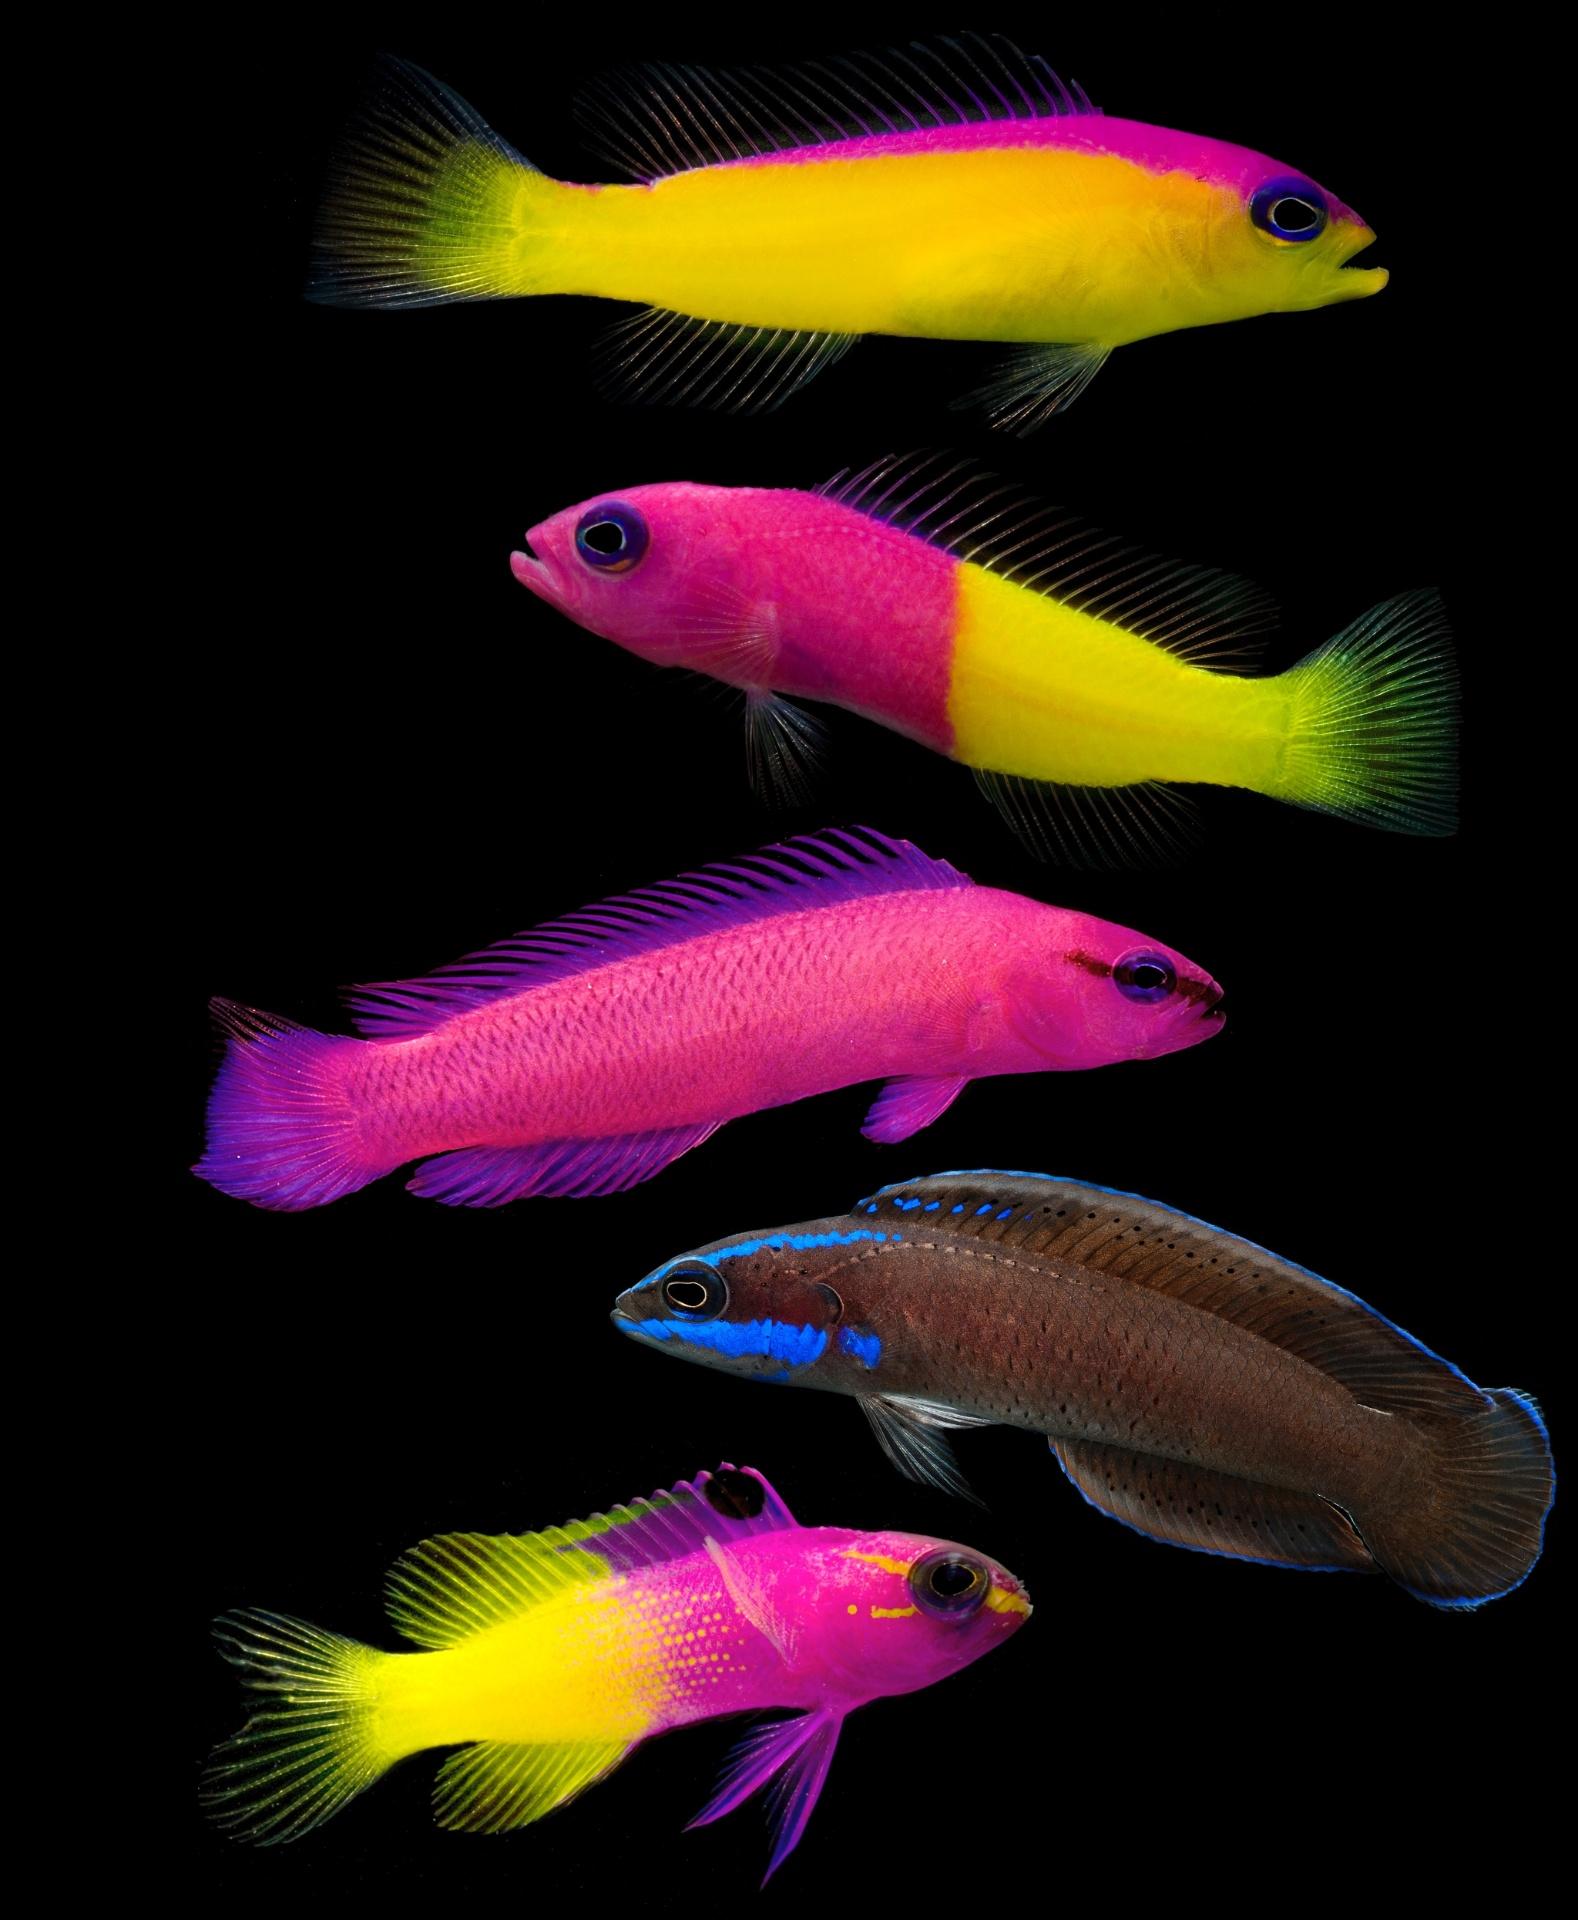 Estes peixes bicolores da espécie pseudochromidae são nativos de recifes tropicais entre o Oceano Índico e Pacífico. Eles também são chamados de dottyback e vivem em cerca de 30 metros de profundidade